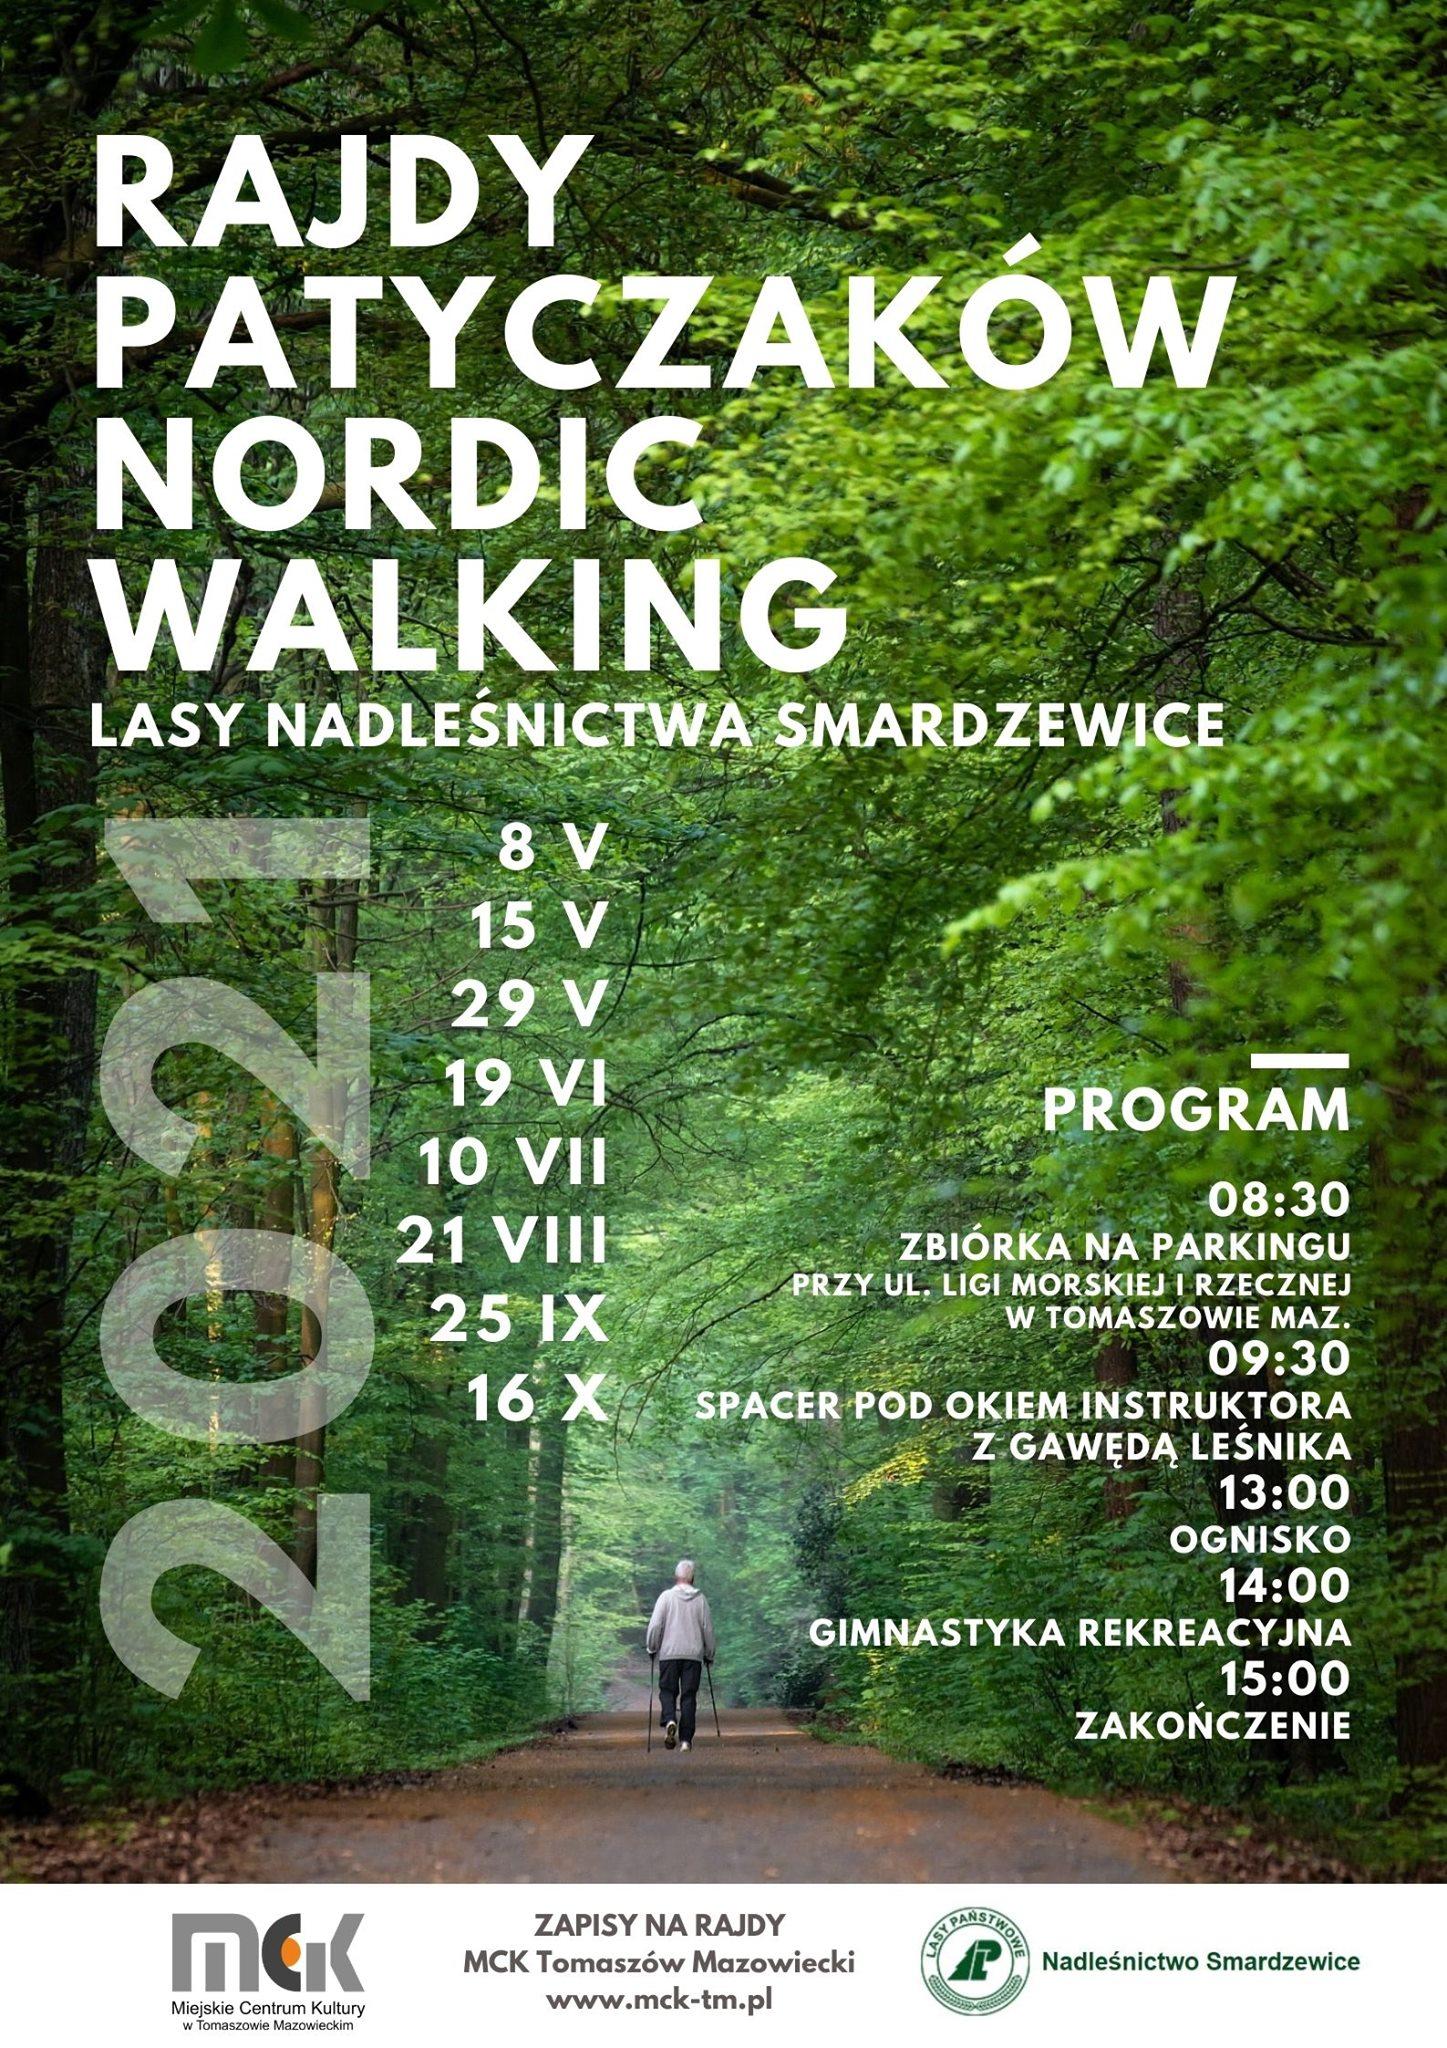 Rajdy Patyczaków Nordic Walking